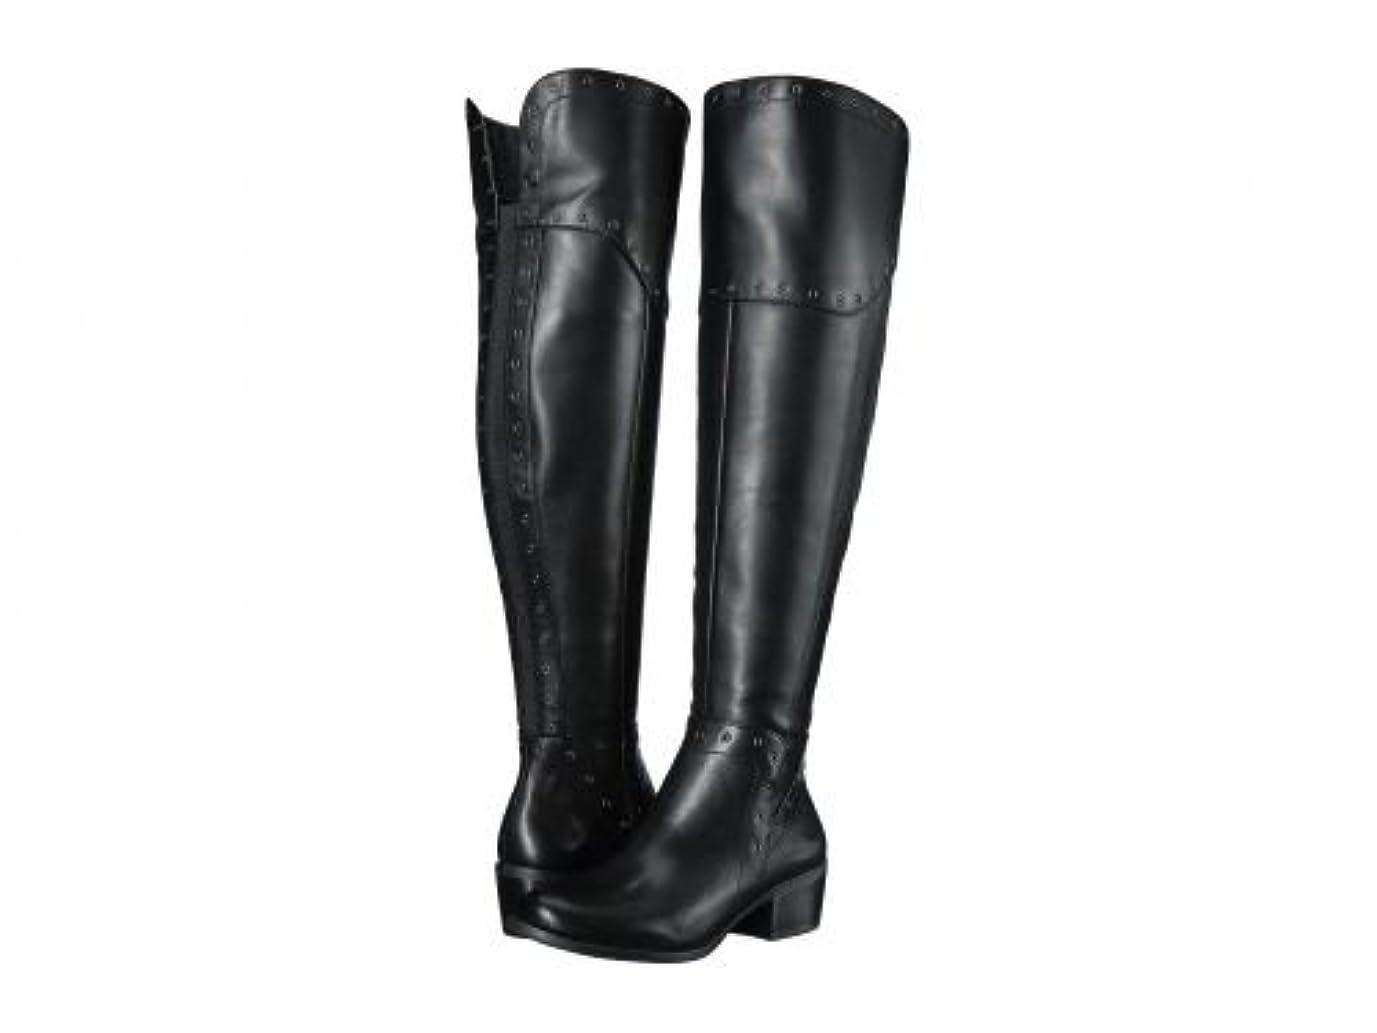 方法論収まるクロニクルVince Camuto(ヴィンスカムート) レディース 女性用 シューズ 靴 ブーツ ロングブーツ Bestan - Wide Calf - Black [並行輸入品]